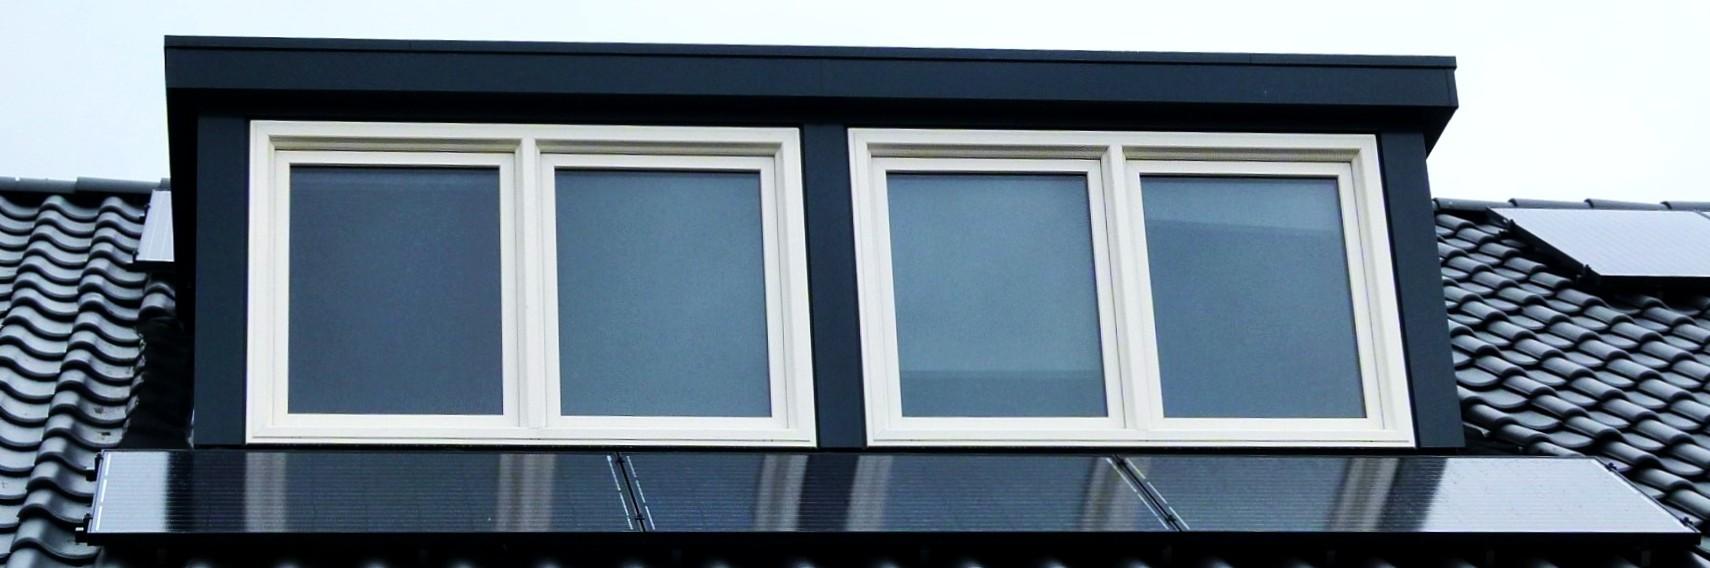 De goedkoopste dakkapel prijzen vindt u op dakkapelplaatsenvergelijker.nl